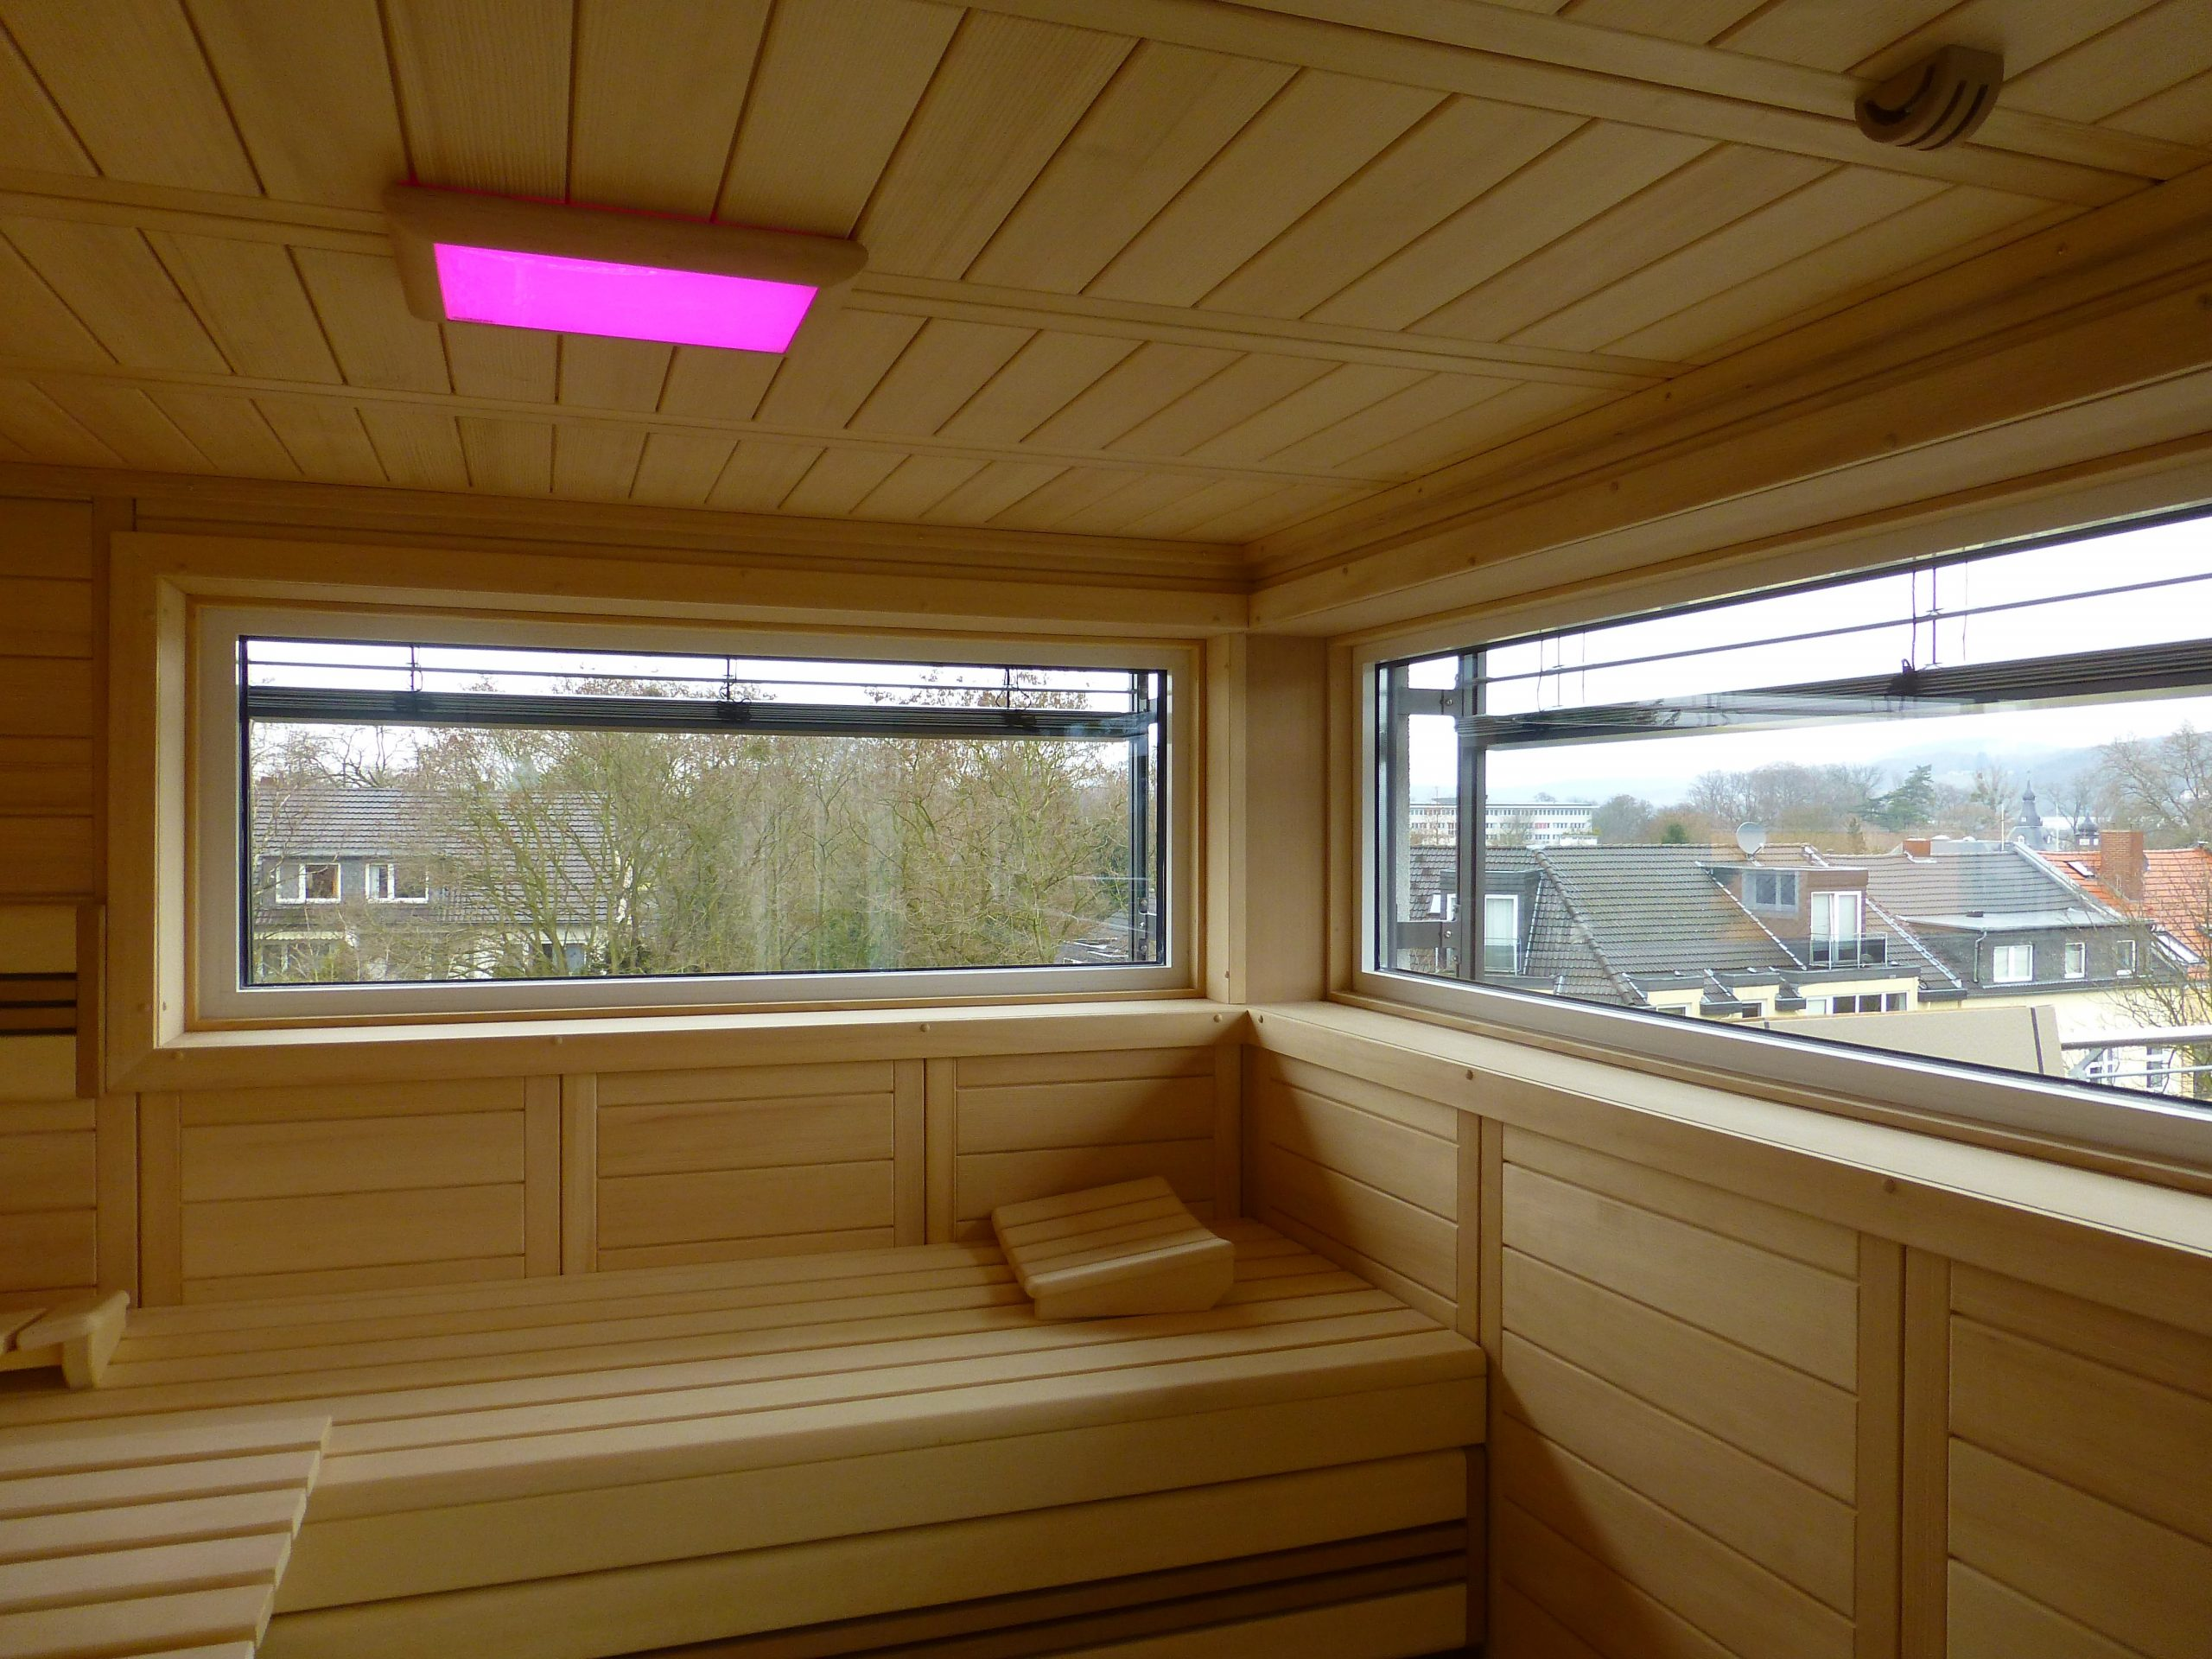 Full Size of Garten Sauna Auensauna Saunahaus Inneneinrichtung Gartensauna My Design Schallschutz Wasserbrunnen Loungemöbel Günstig Schwimmingpool Für Den Mini Pool Garten Garten Sauna